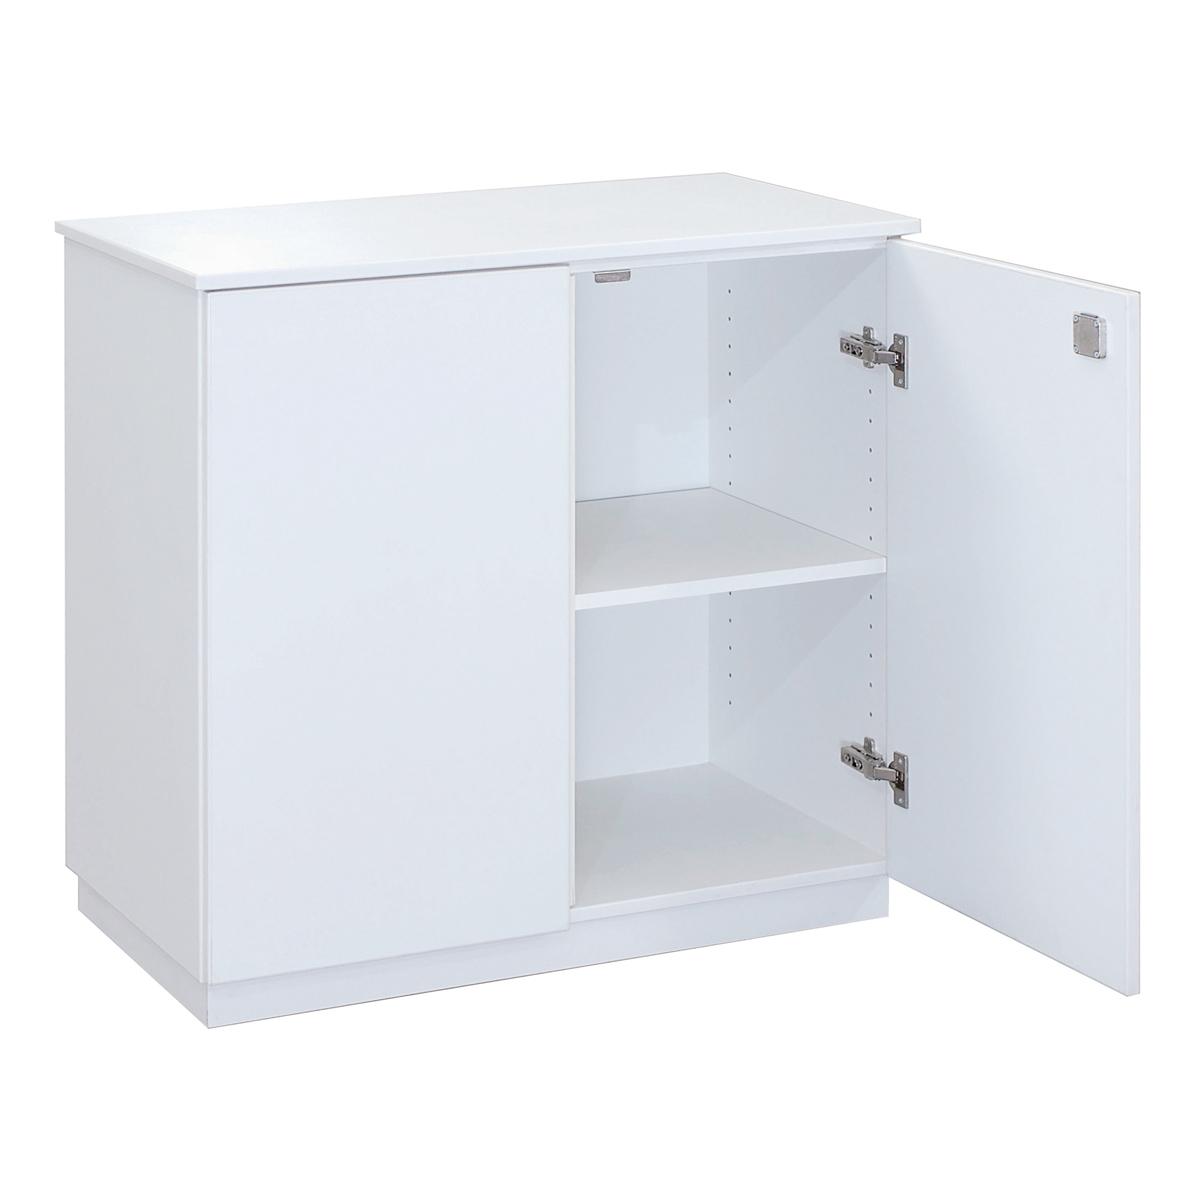 Fabelhaft Sideboard Grau Weiß Sammlung Von Sideboard, Weiß